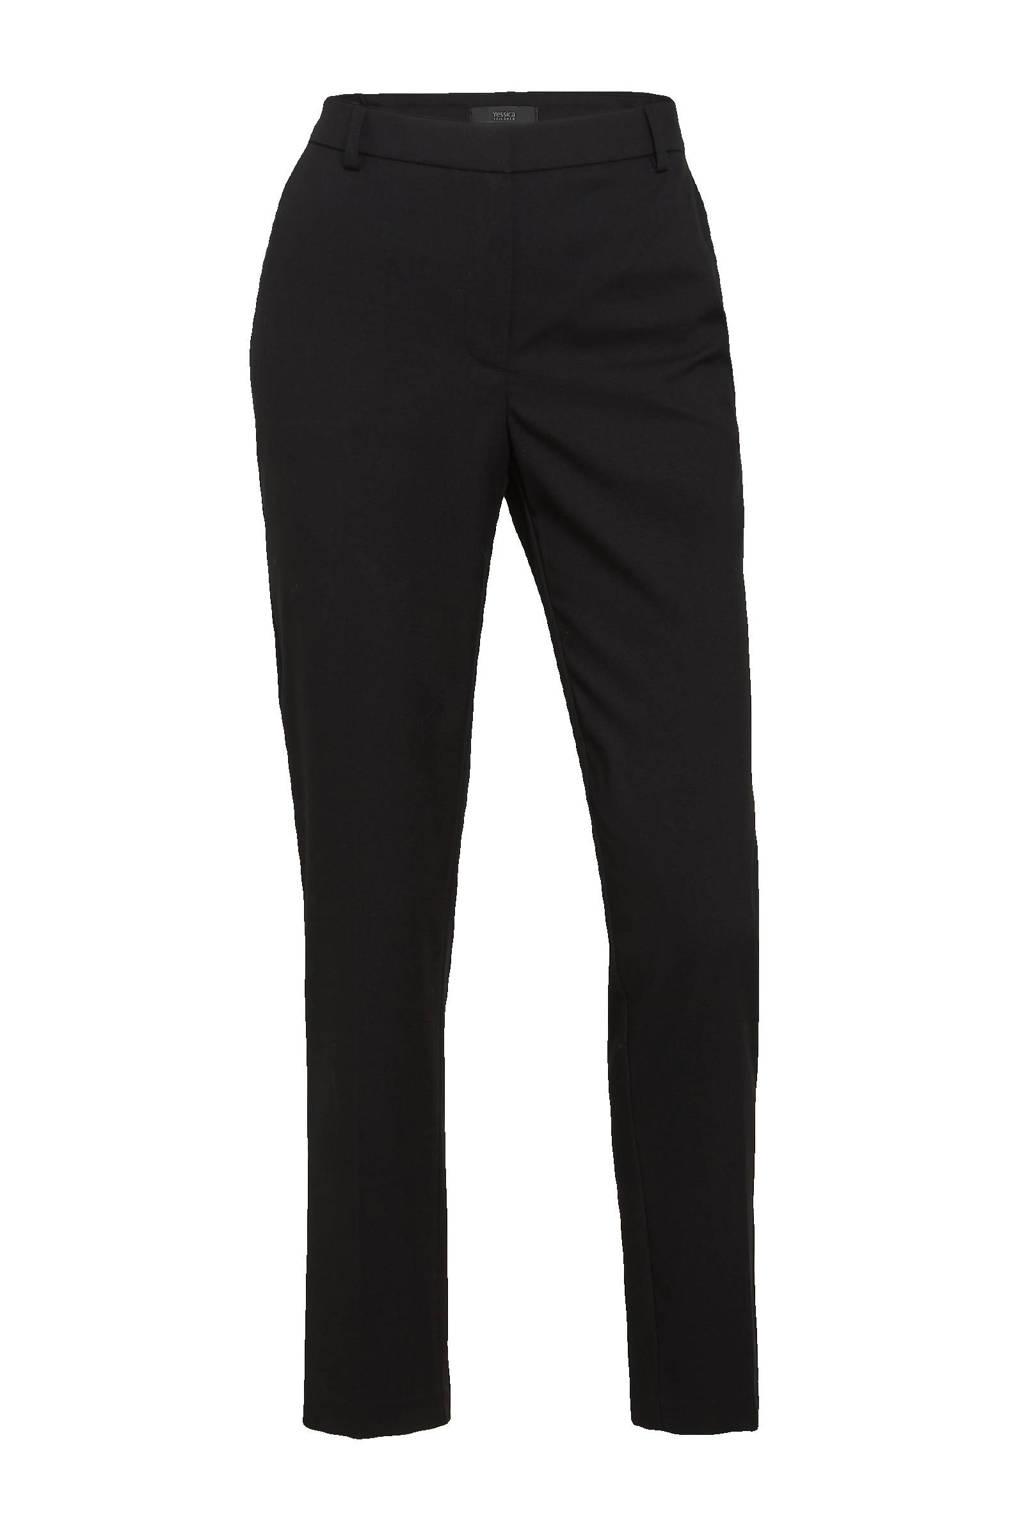 C&A Yessica Tailored slim fit broek zwart, Zwart